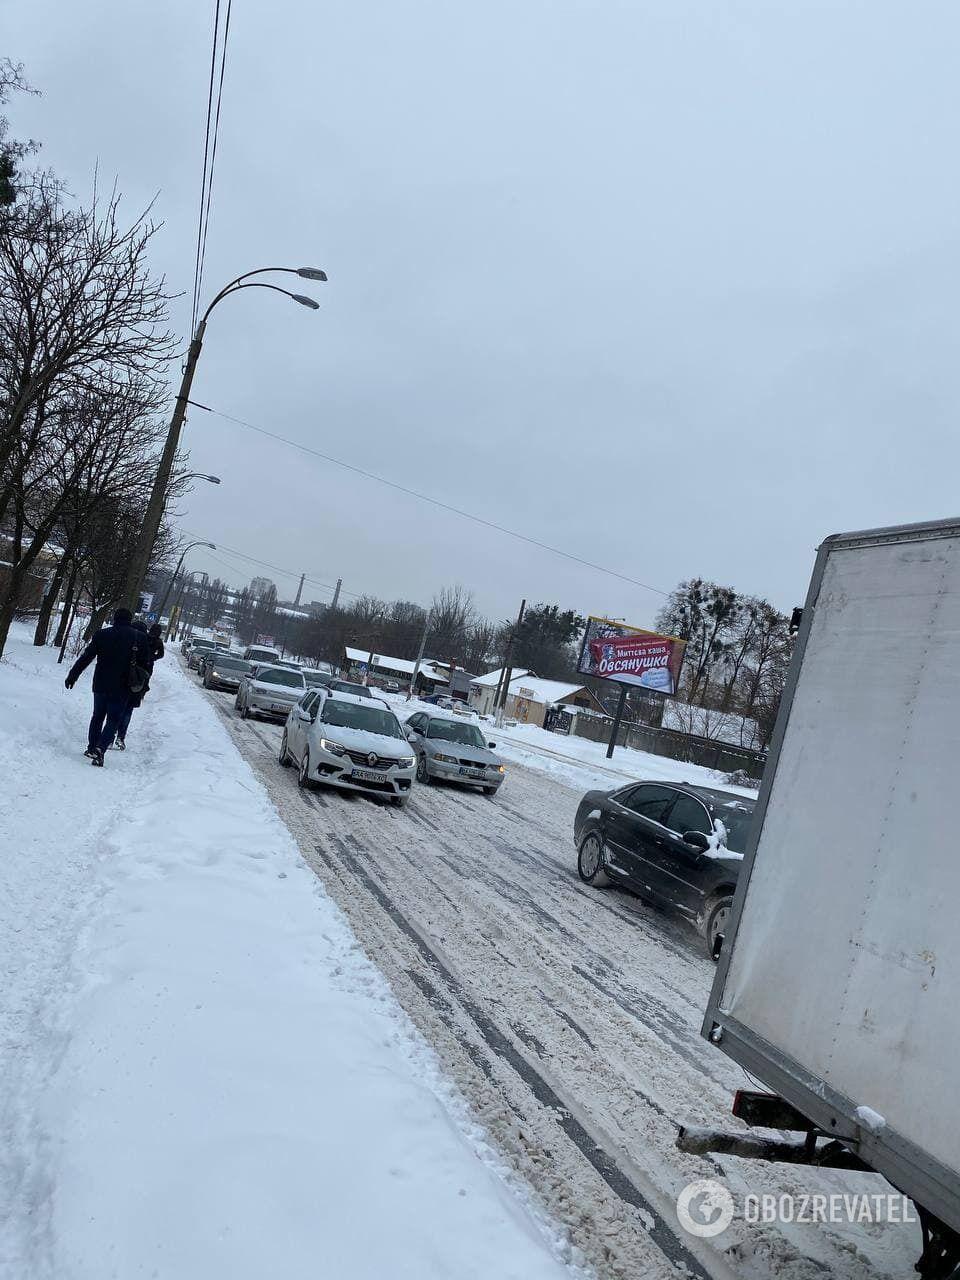 Пешеходы испытывают трудности с передвижением